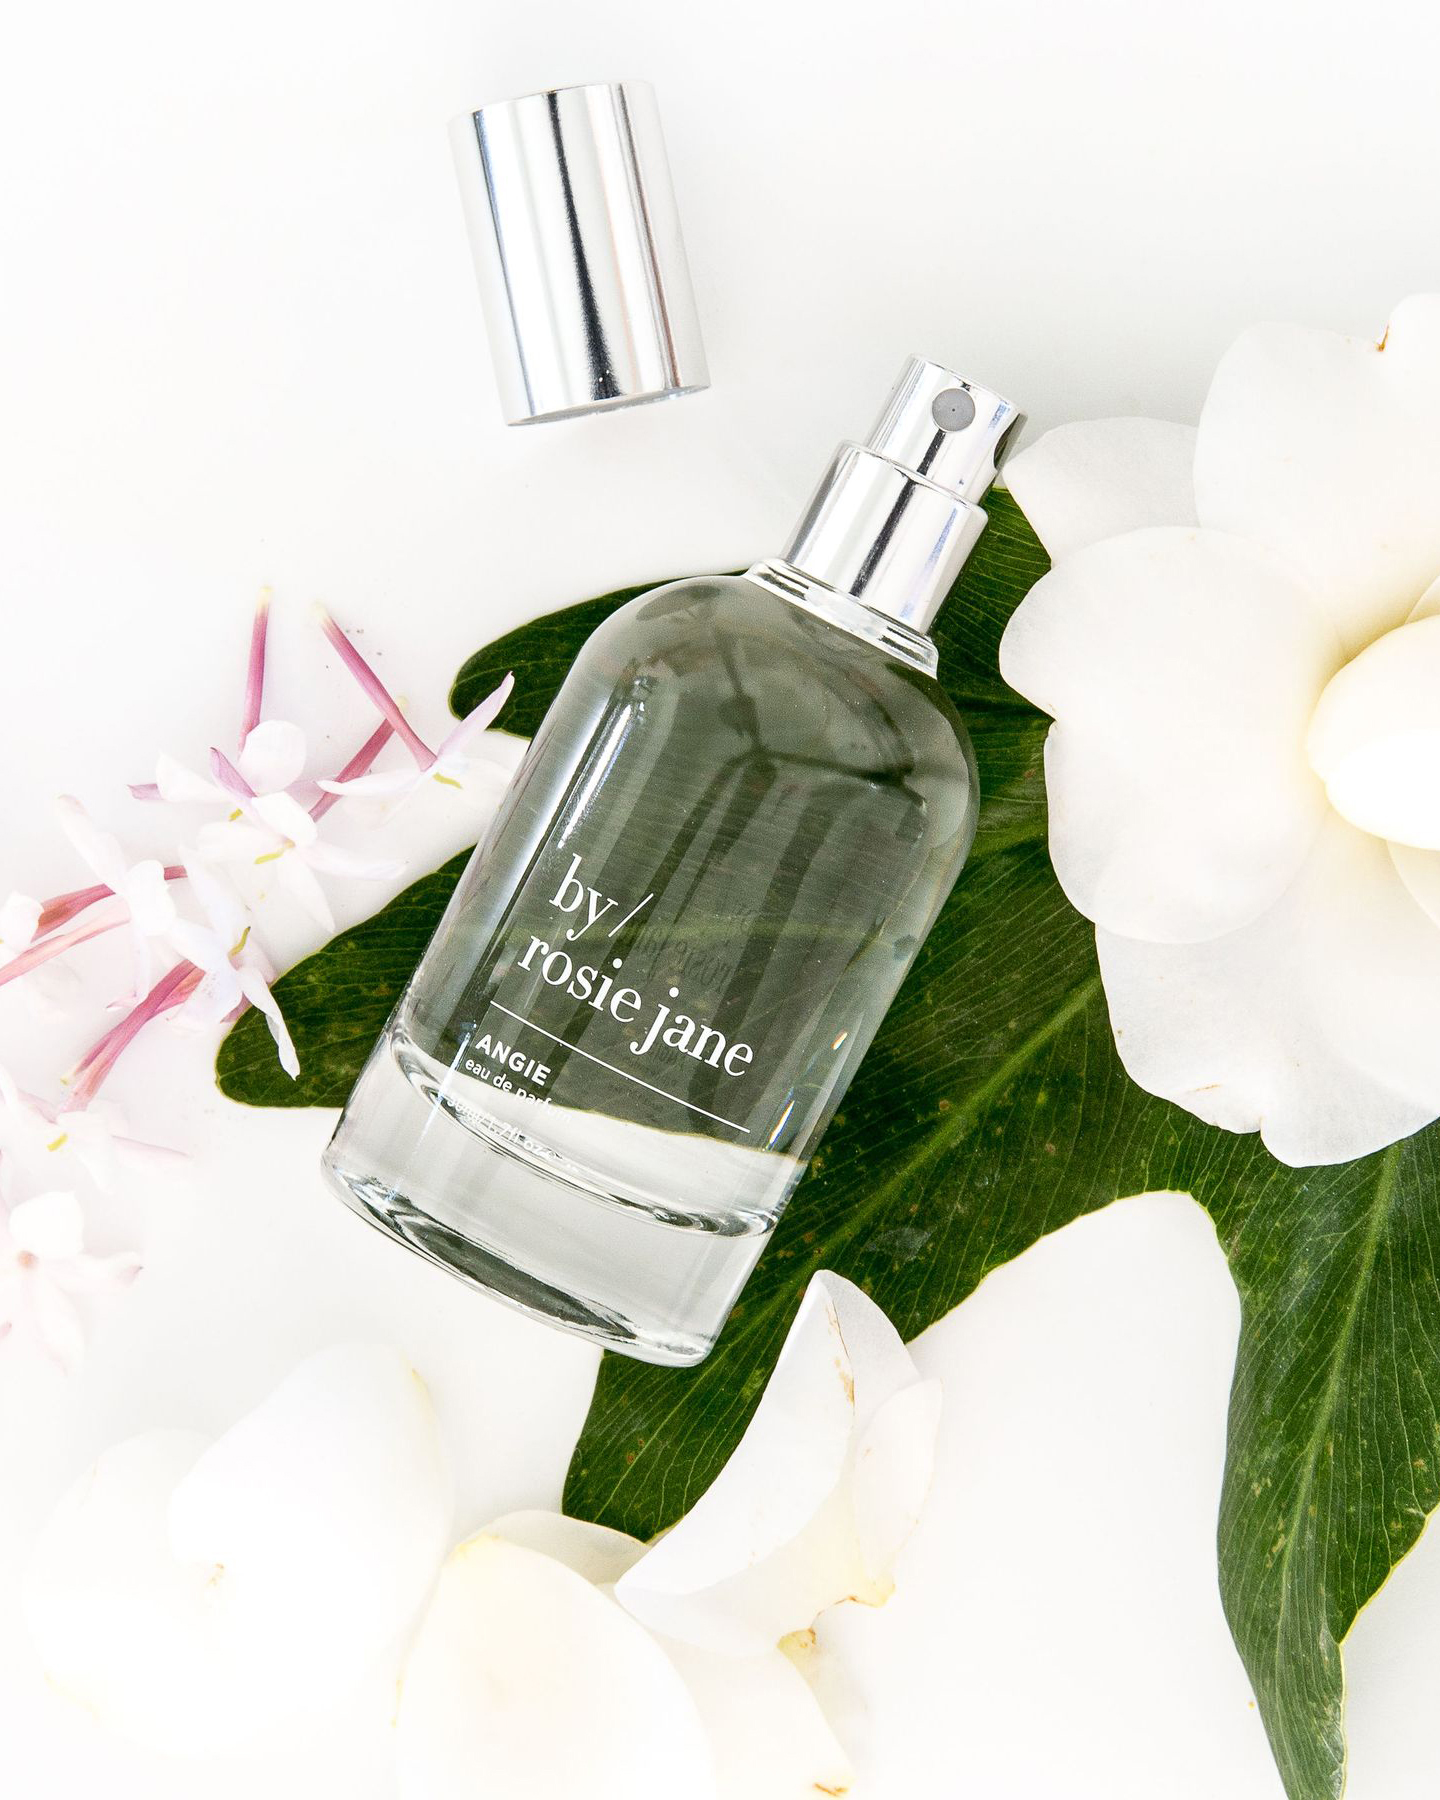 natural fragrance rosie jane angie eau de parfum